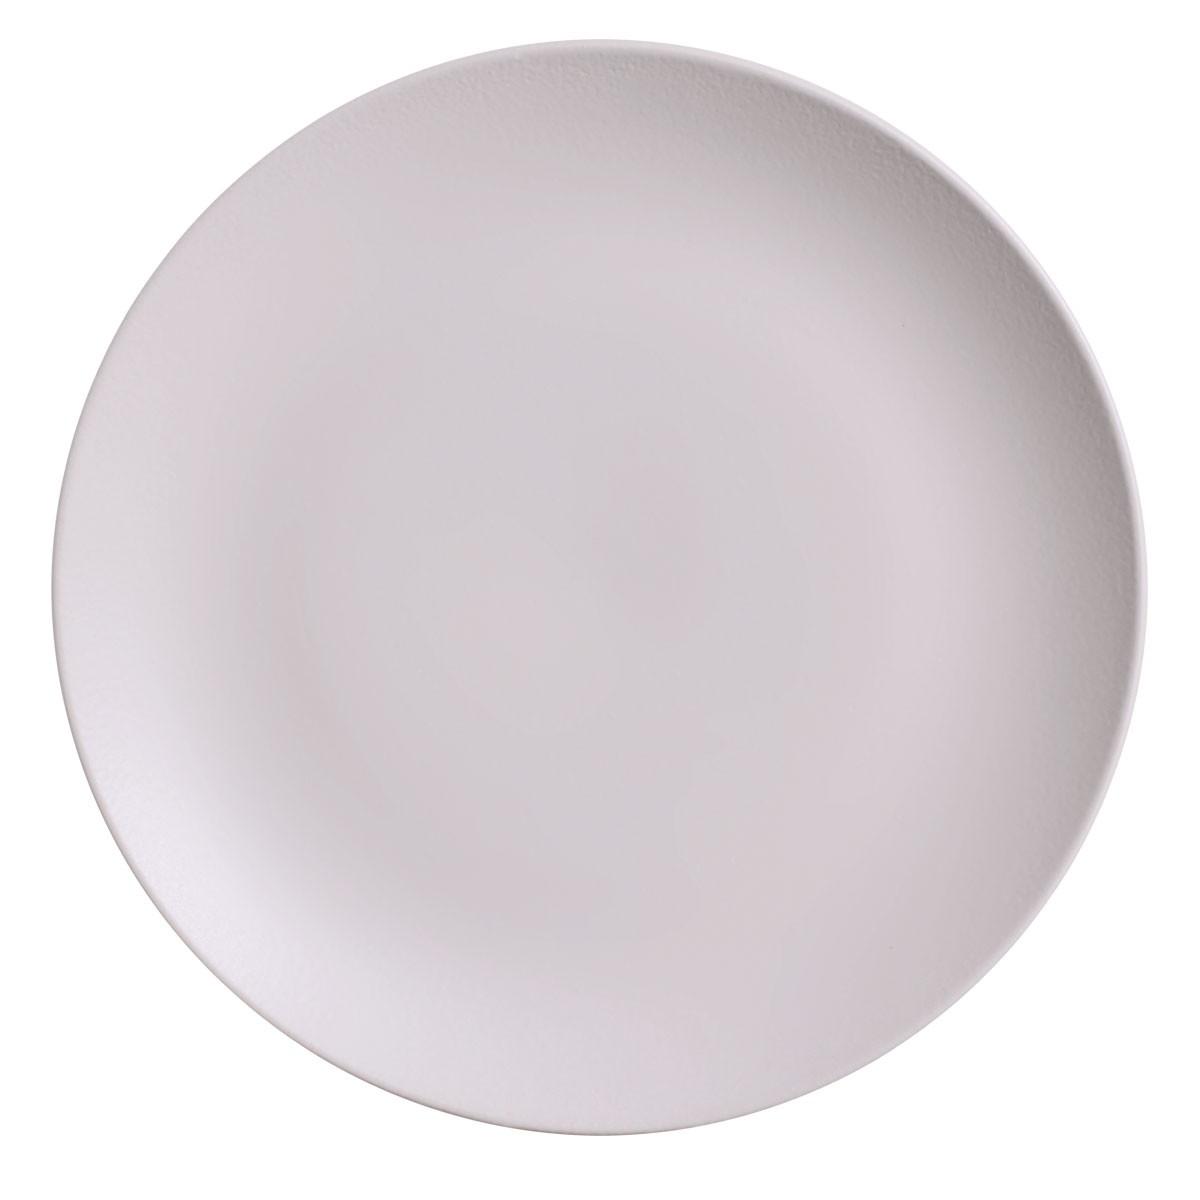 Prato Raso Haya Redondo em Ceramica Off-white - Porto Brasil